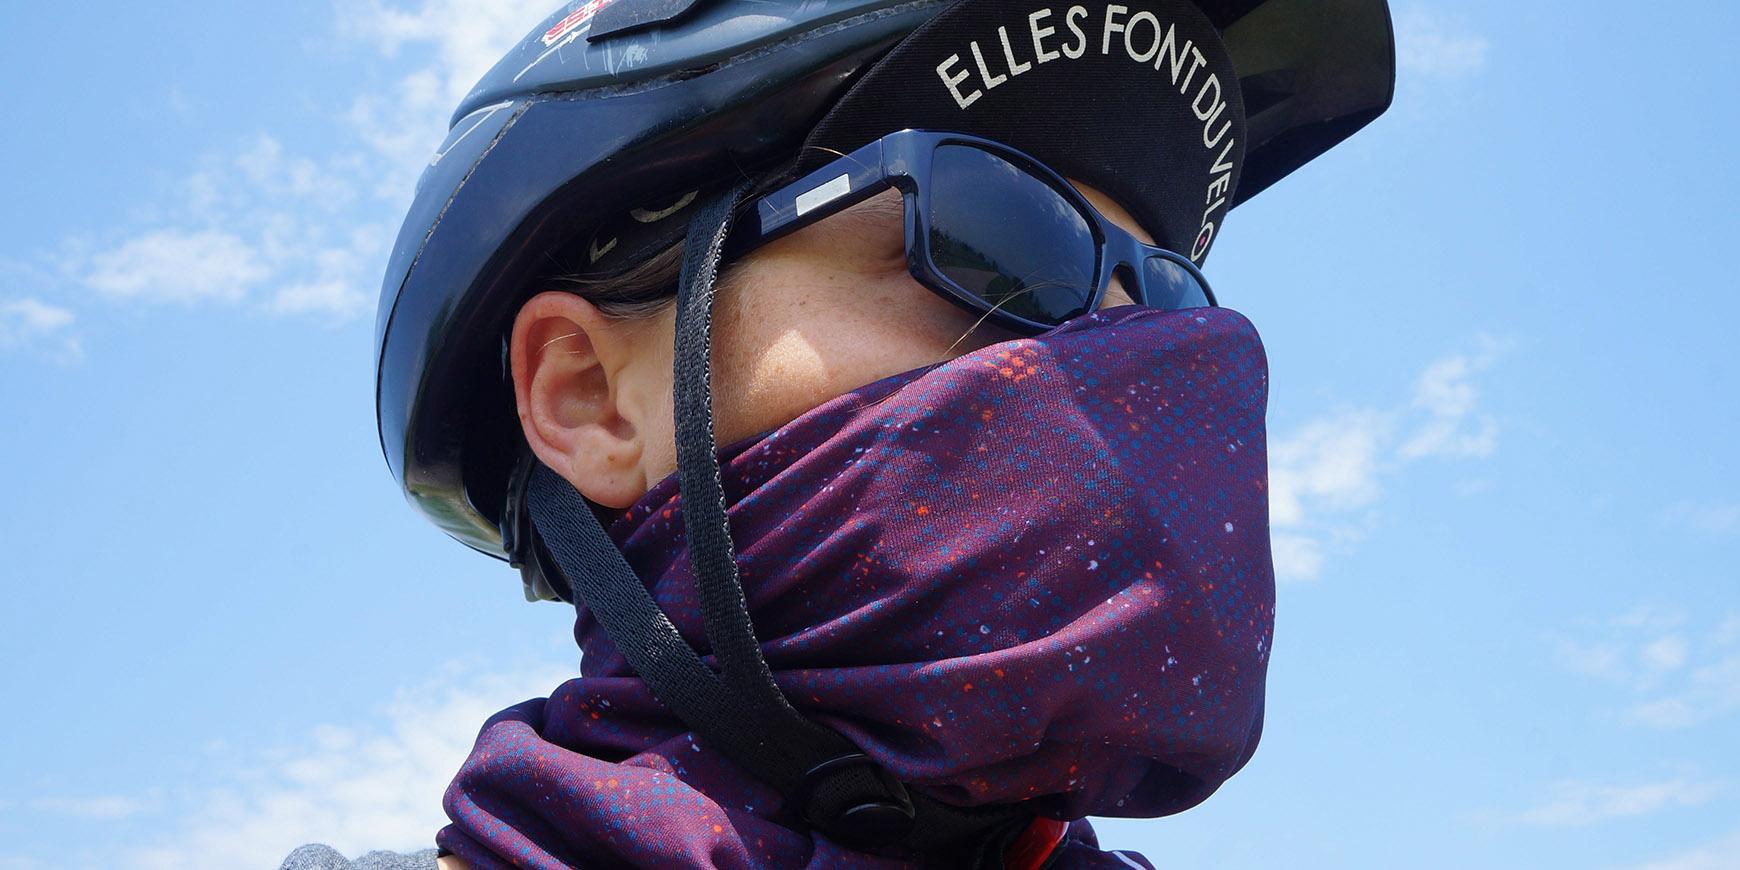 vélo et covid - saint-Laurent à vélo - cyclotourisme - ontario - québec